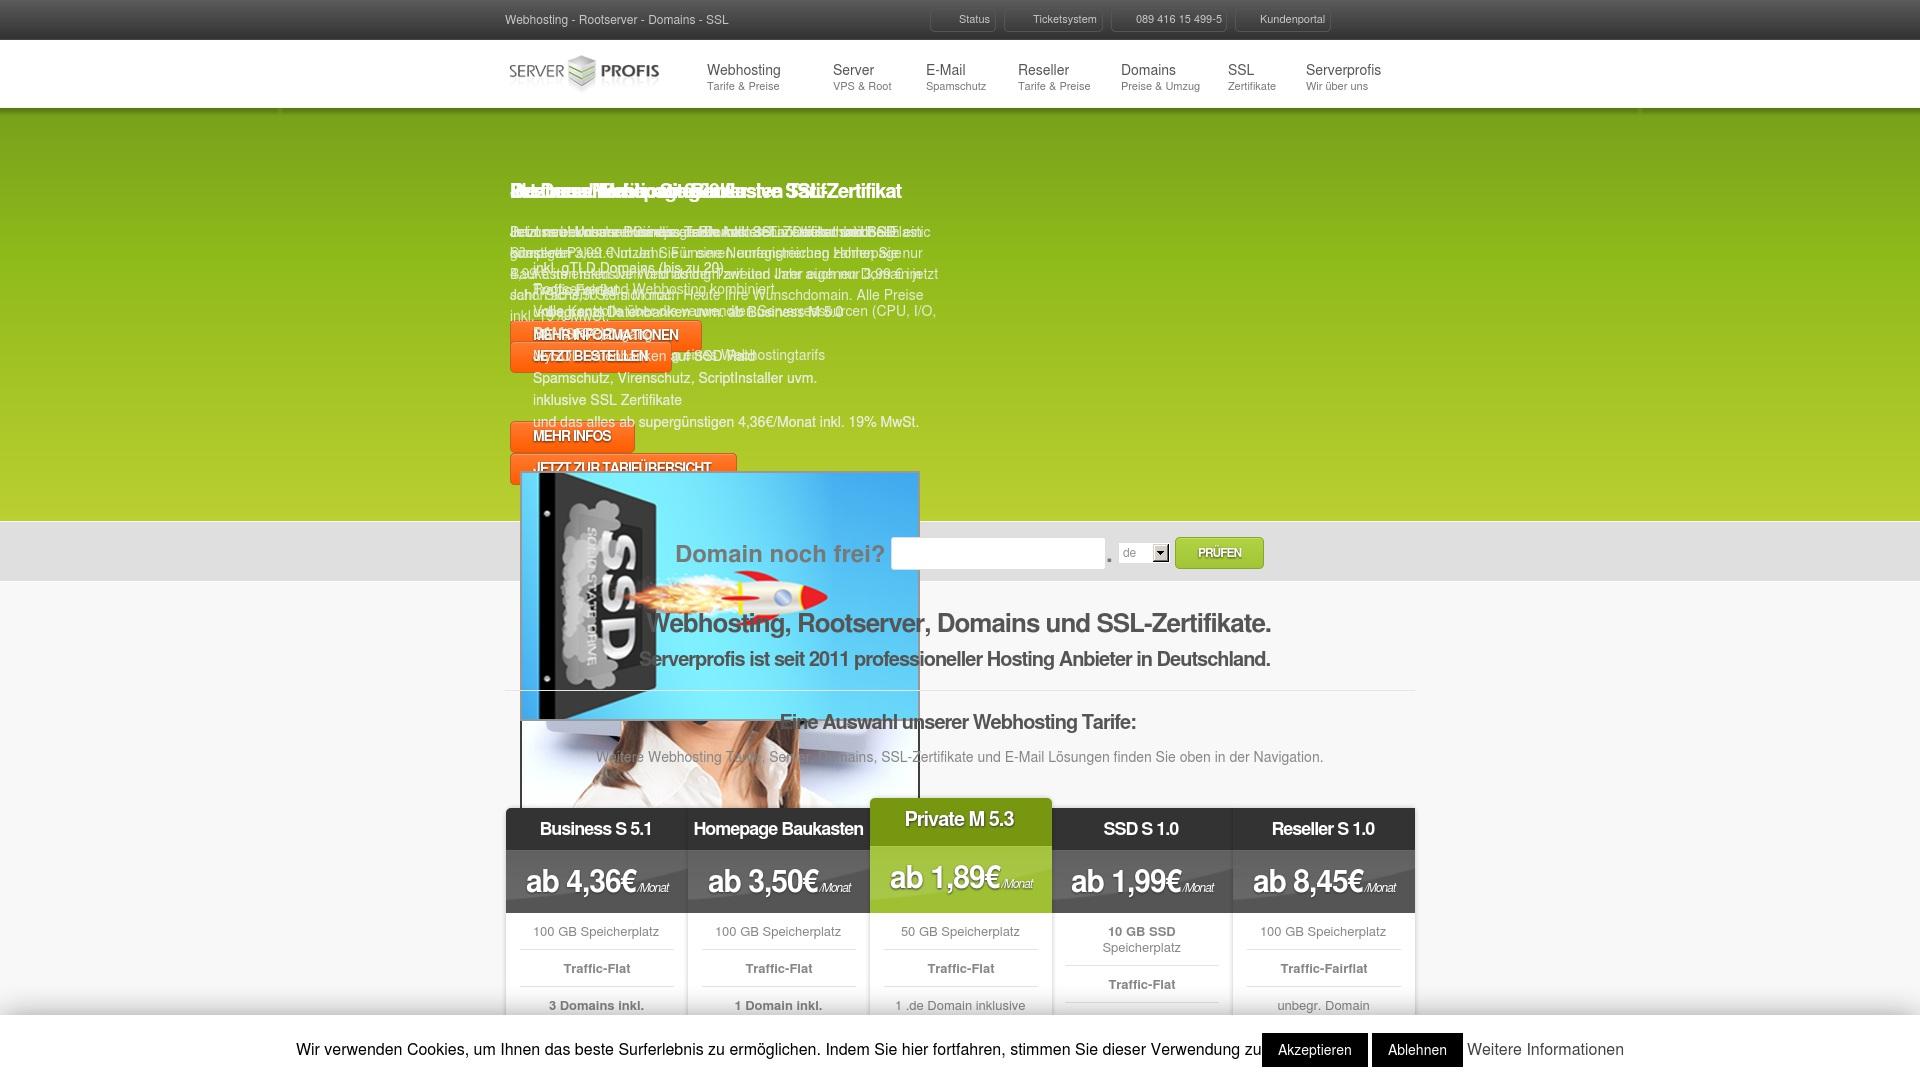 Gutschein für Serverprofis: Rabatte für  Serverprofis sichern